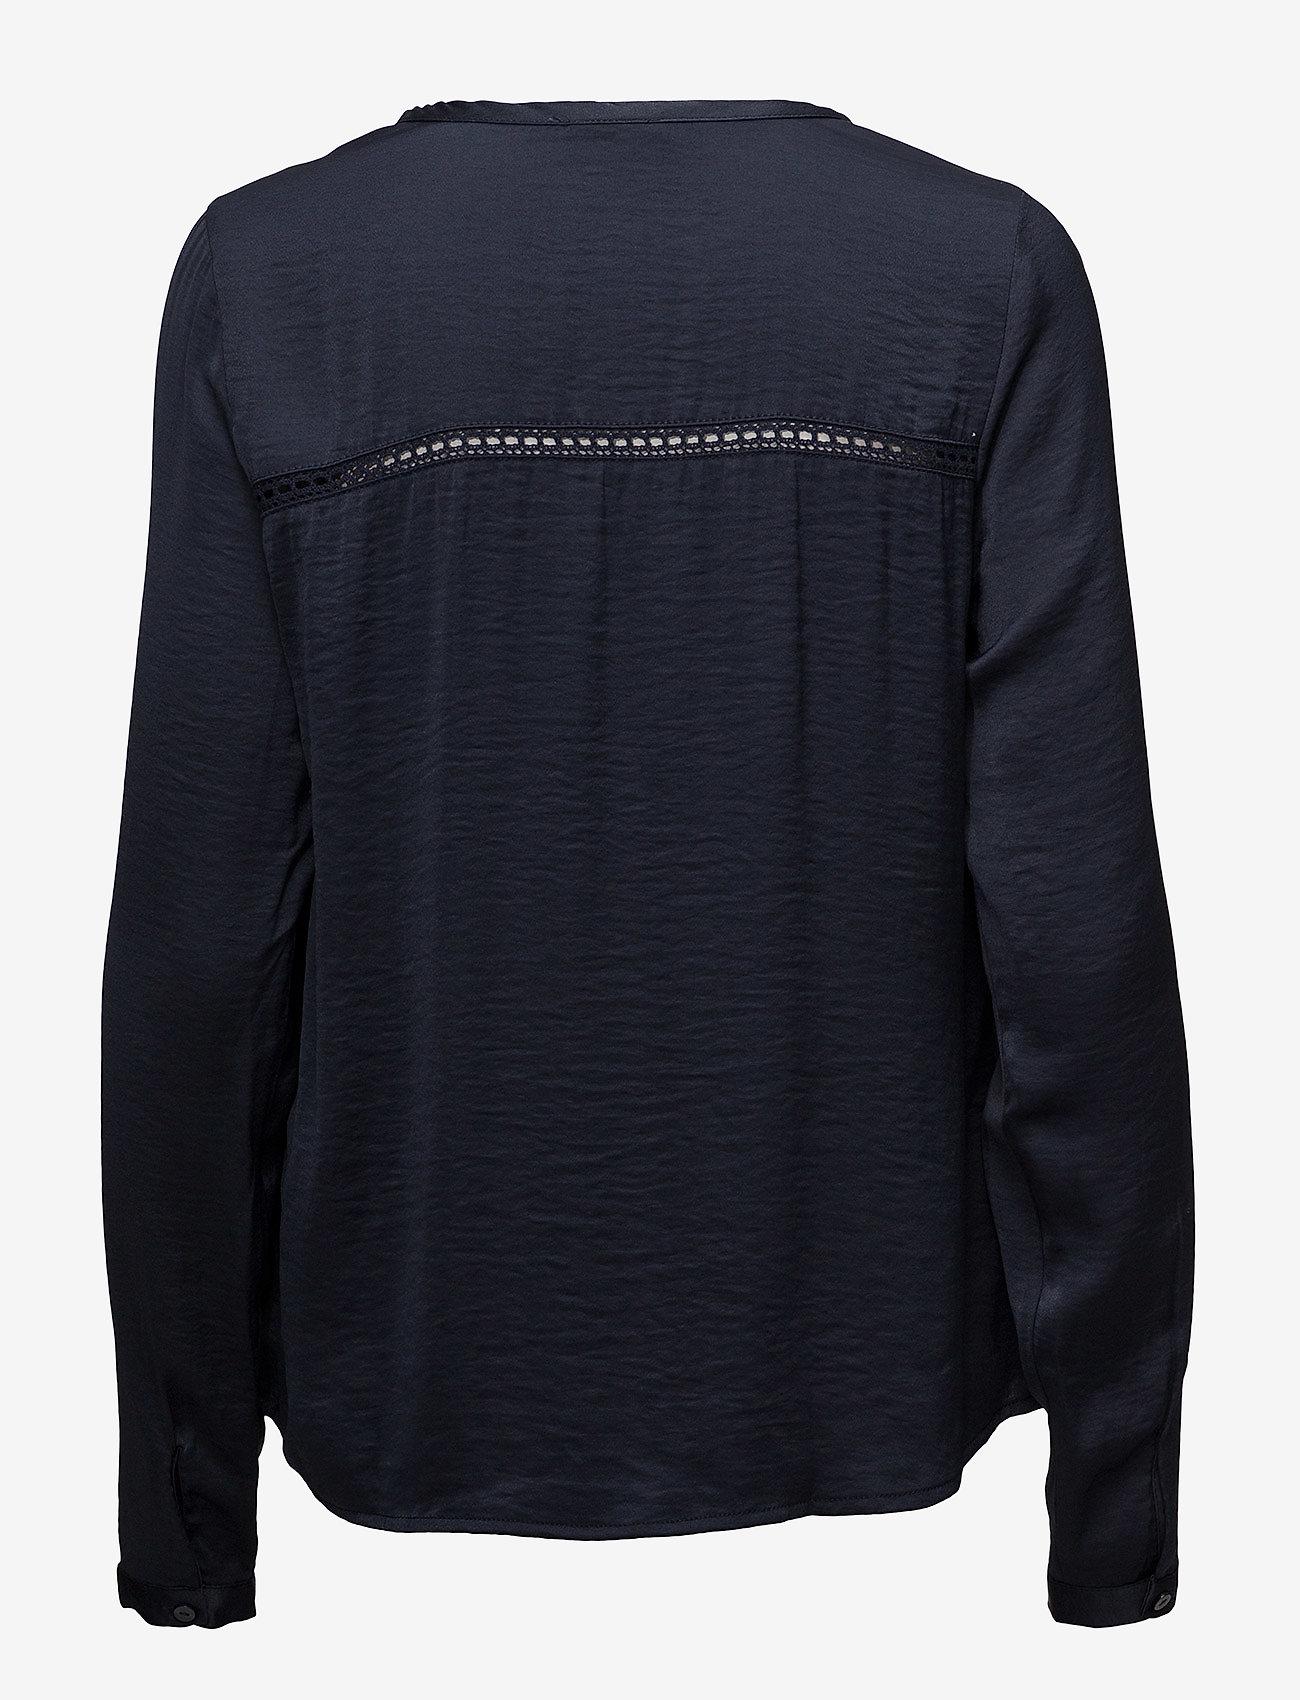 Vila Vicava L/s V-neck Top-noos - Blouses & Shirts